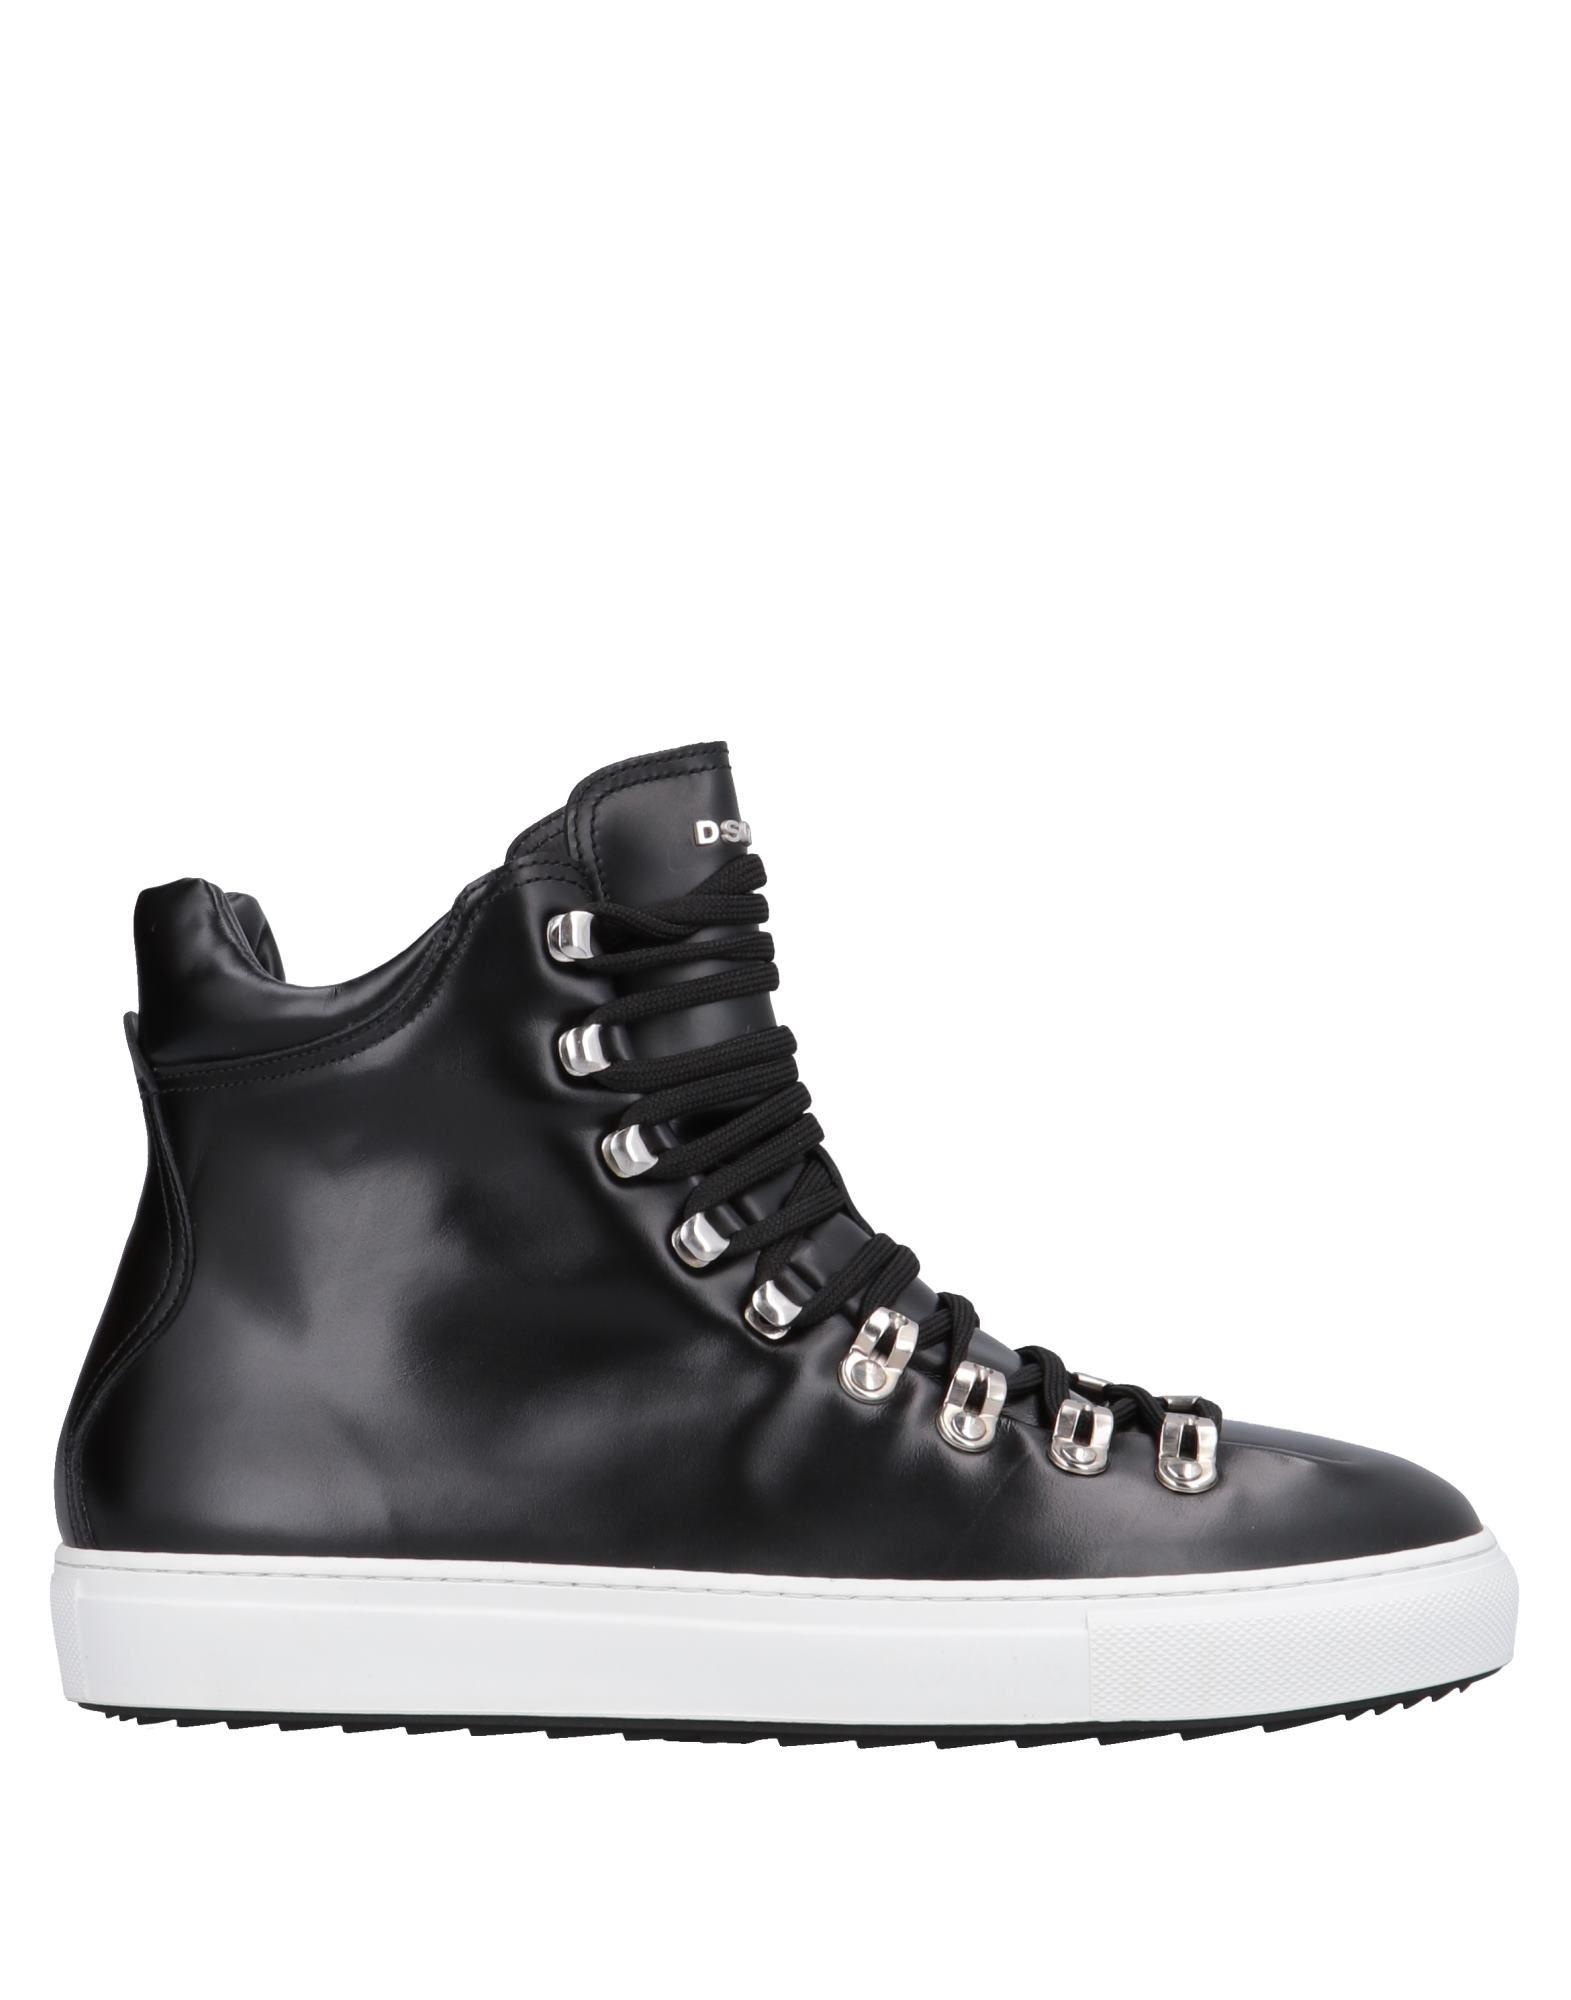 Zapatillas  Dsquared2 Hombre - Zapatillas Dsquared2  Zapatillas Negro 0912c9